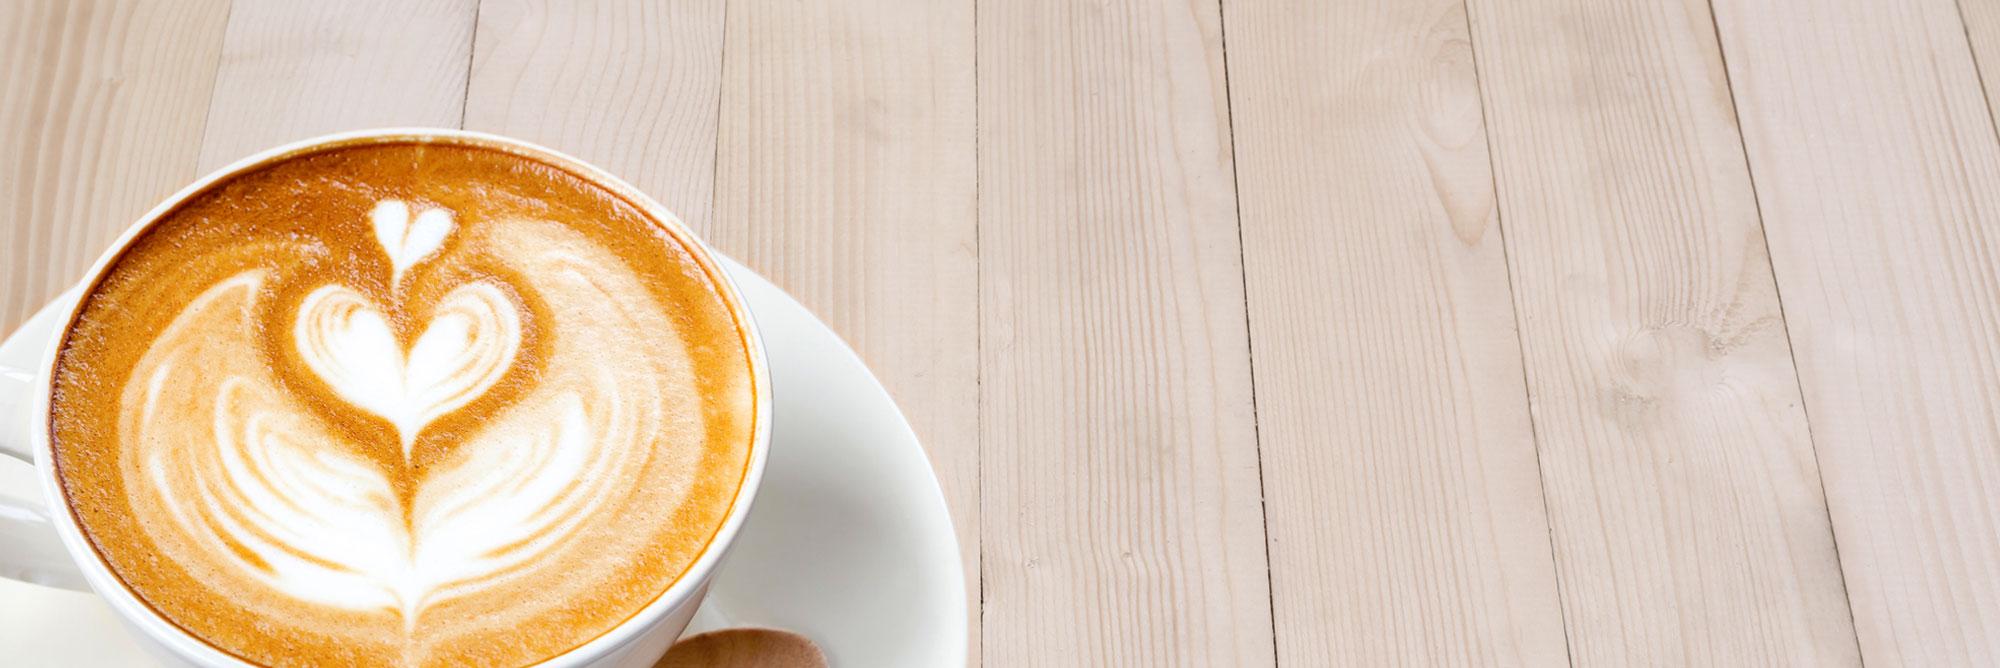 Vendita online di caffé macinato e in grani torrefatto artigianalmente – Coff-e